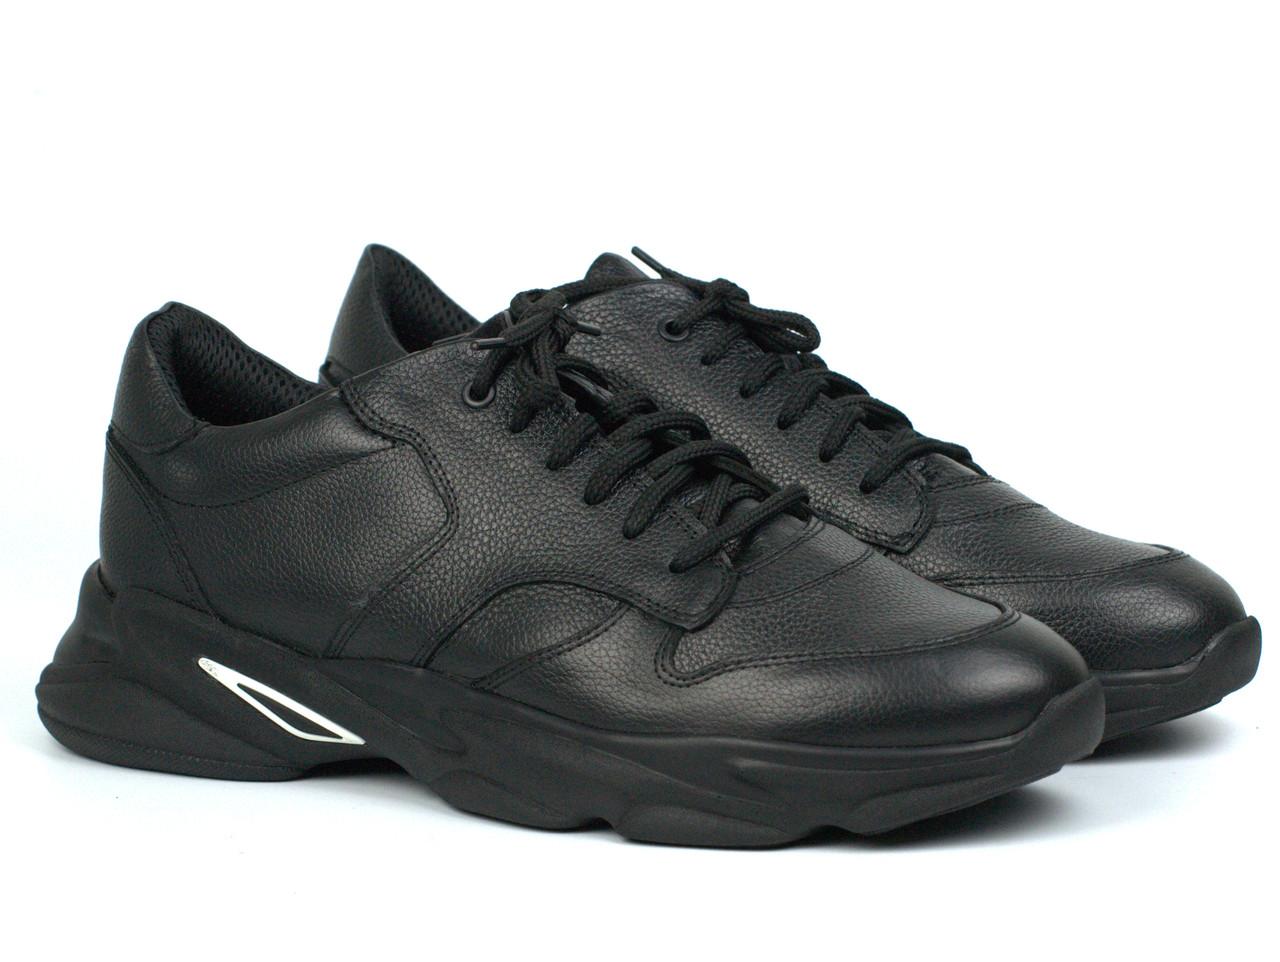 Кроссовки мужские кожаные черные демисезонная обувь Rosso Avangard ReBa Leather Floto